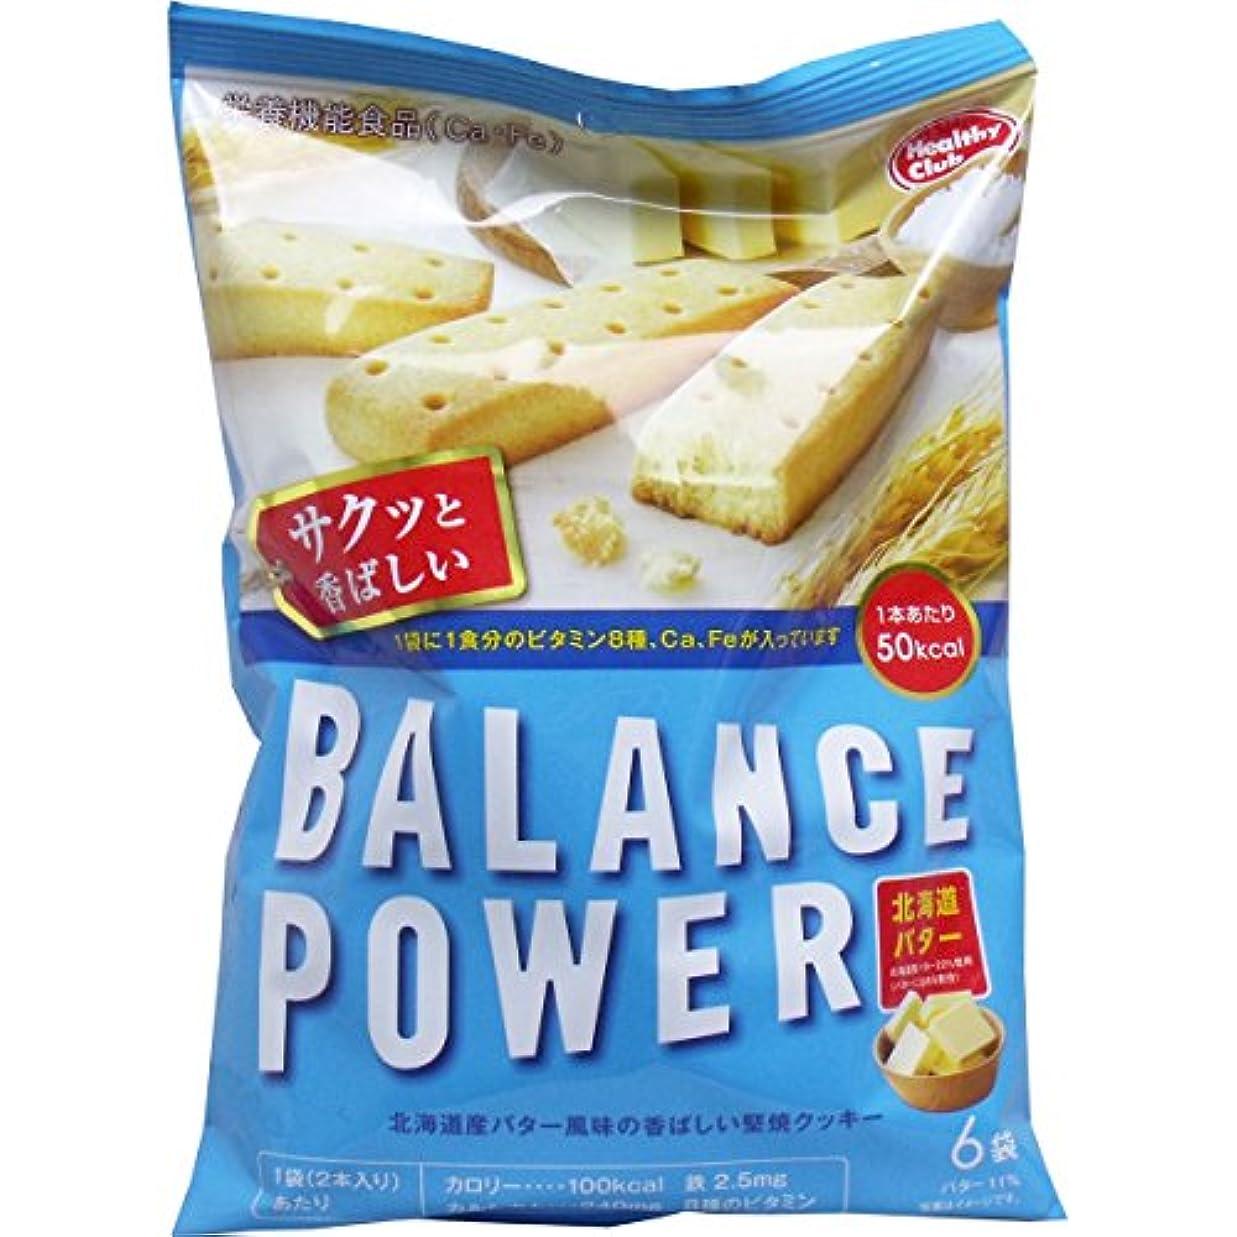 再現する宮殿倉庫バランスパワー 北海道バター味 6袋(12本)入